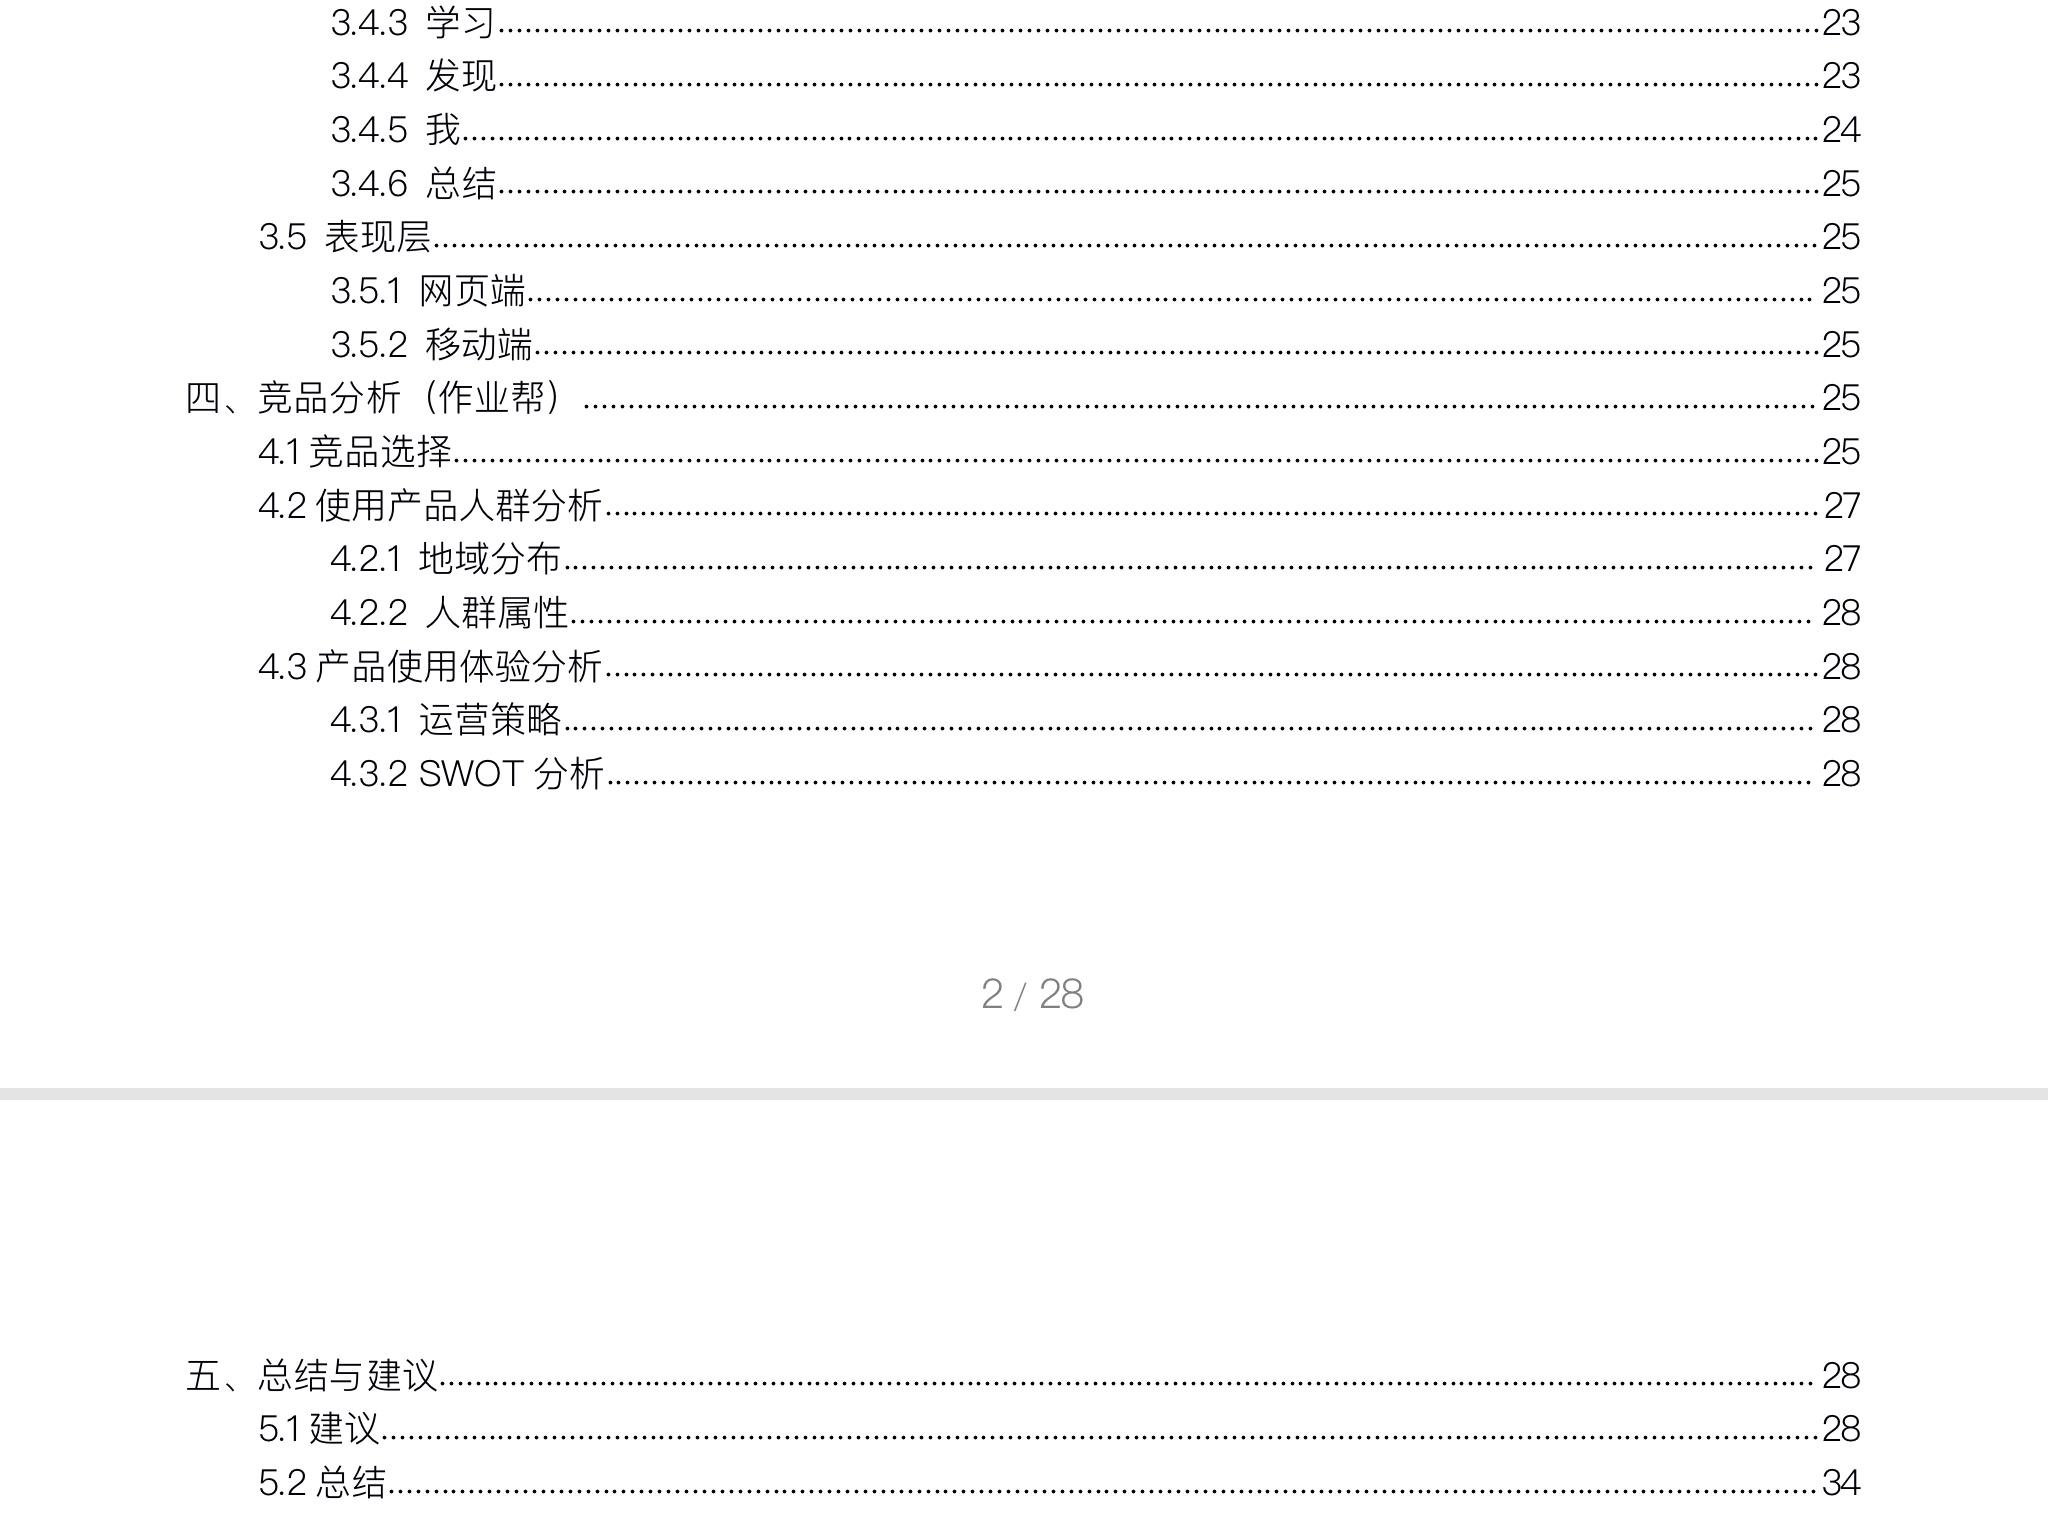 产品体验报告需要写什么(完整的产品体验报告模板)